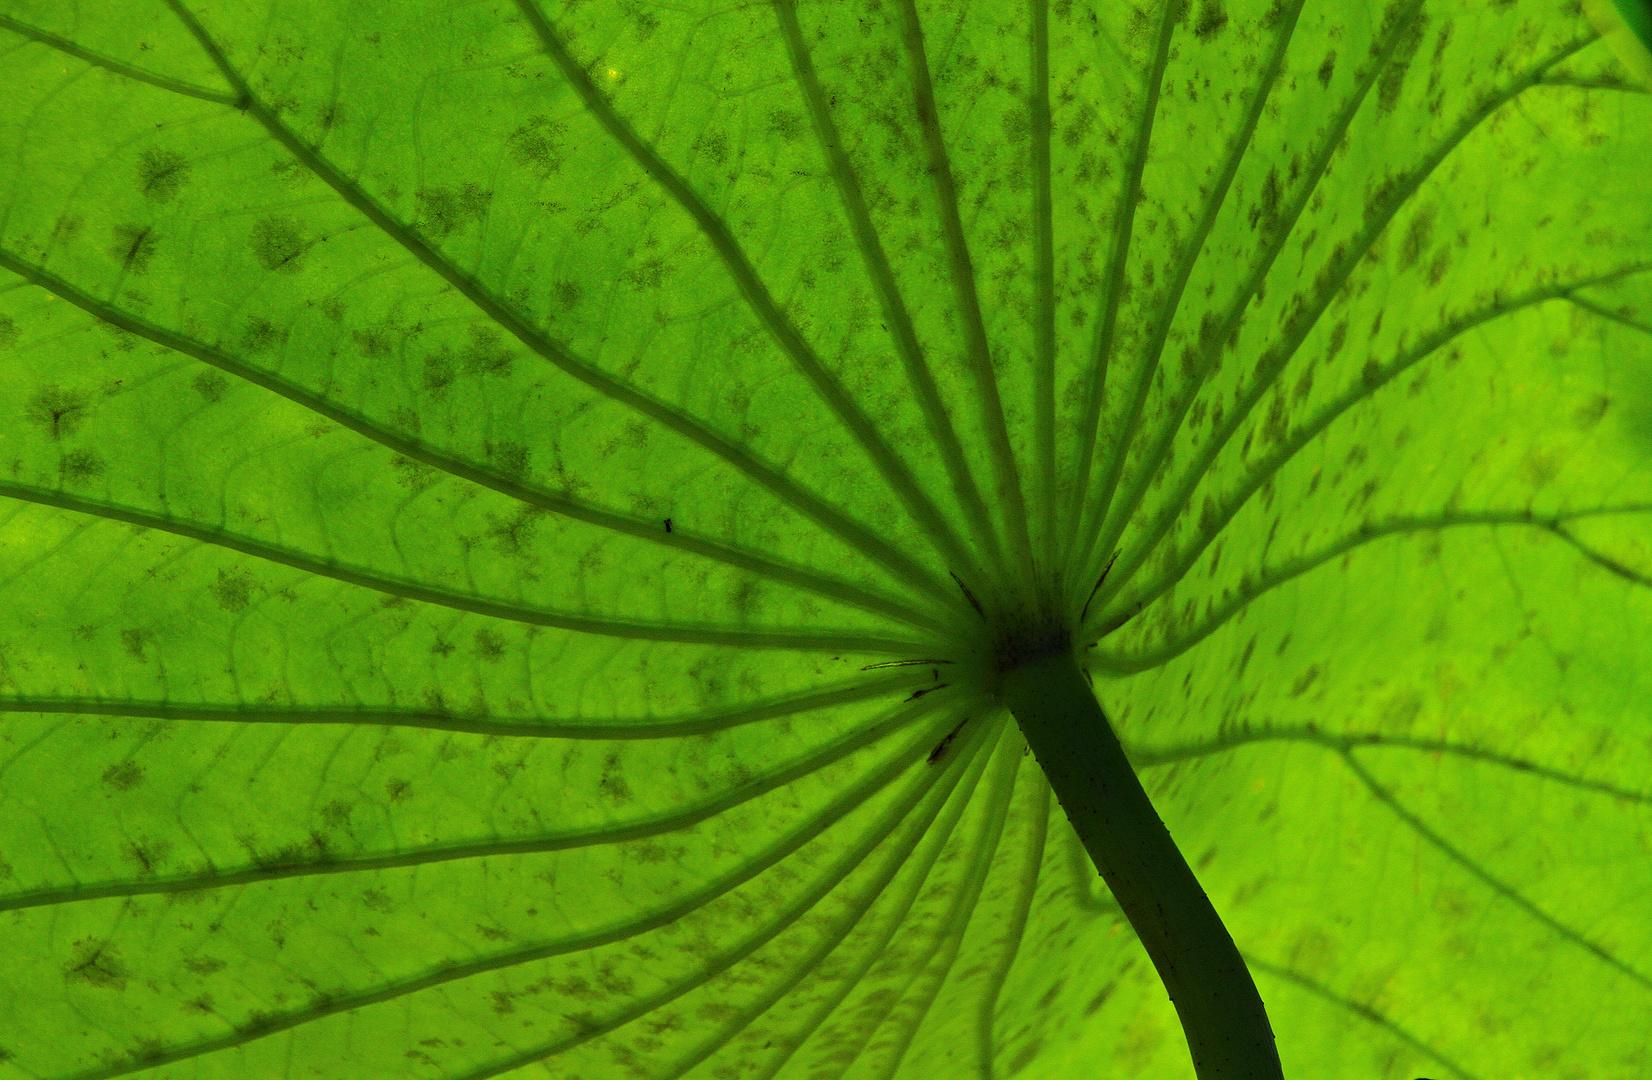 Blatt im Seerosenteich von unten gesehen